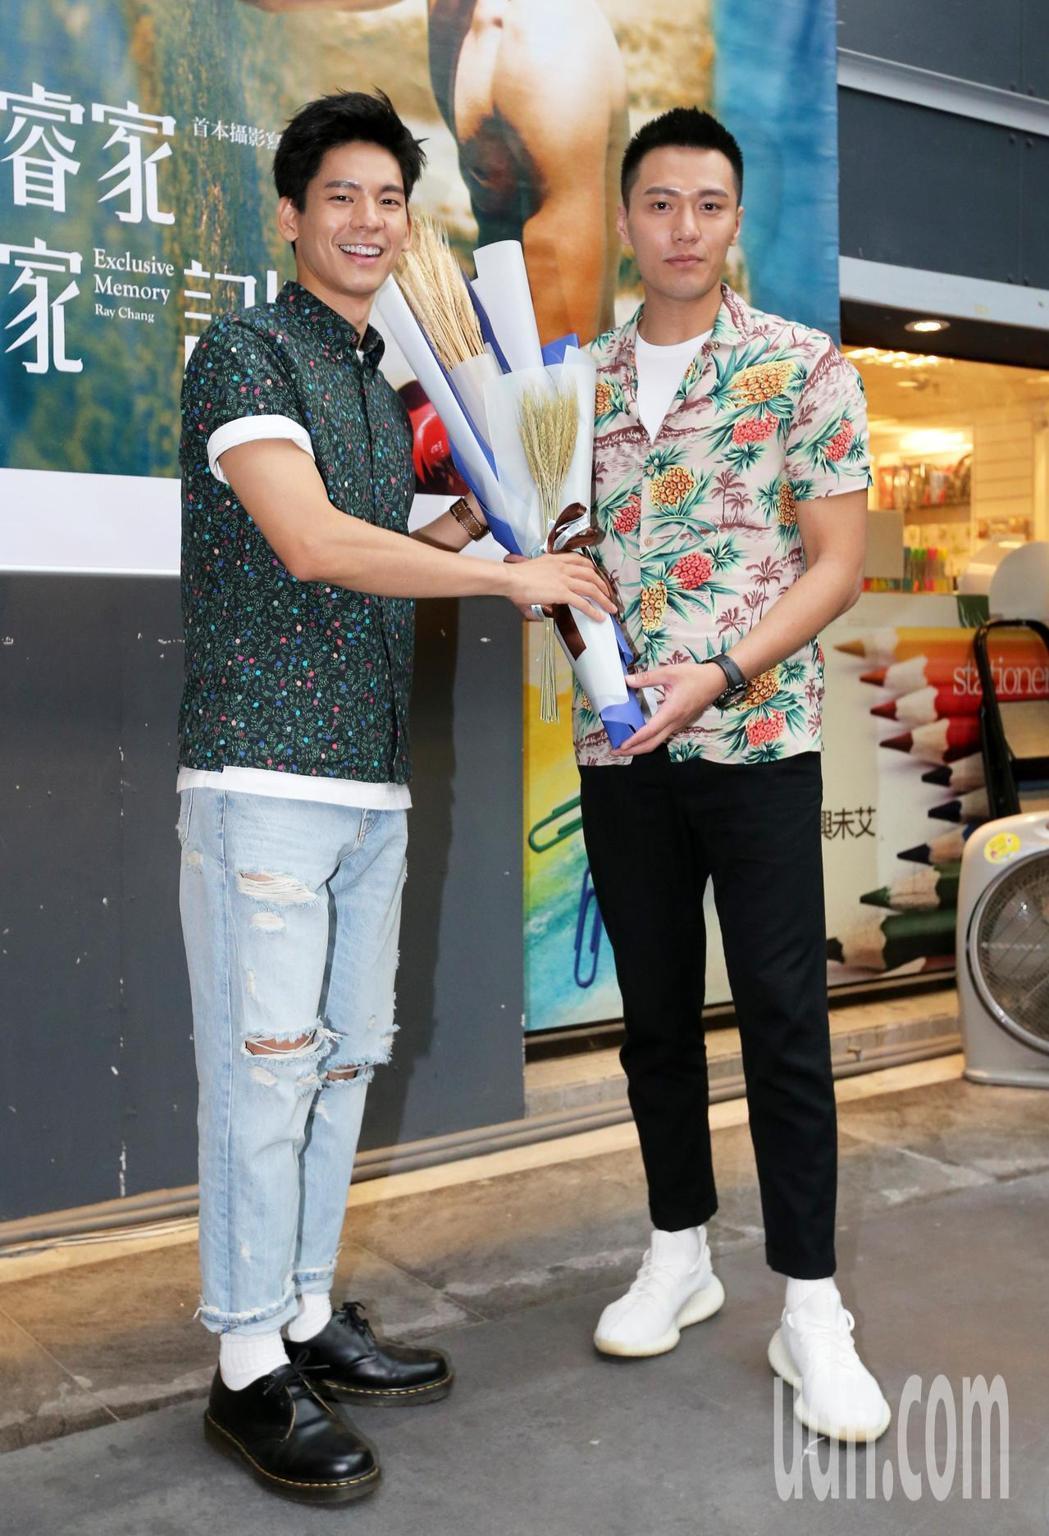 張睿家(右)舉辦新書簽名見面會,師弟林柏宏擔任嘉賓。記者胡經周/攝影